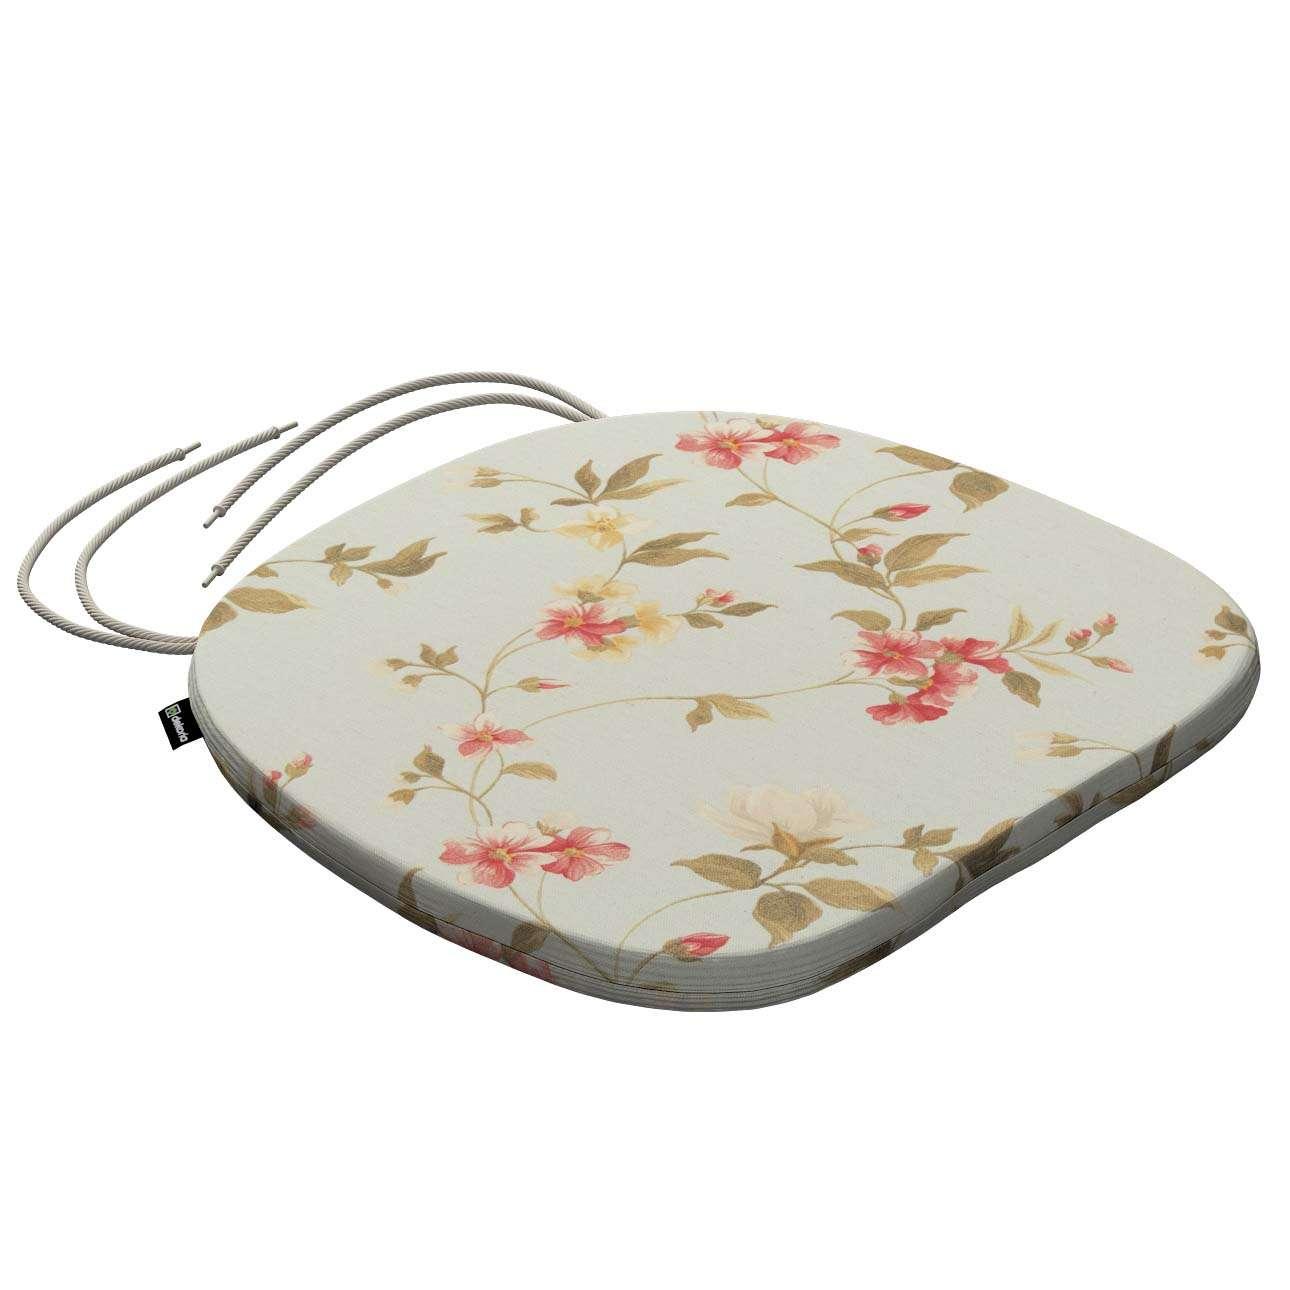 Siedzisko Bartek na krzesło 40x37x2,5cm w kolekcji Londres, tkanina: 124-65